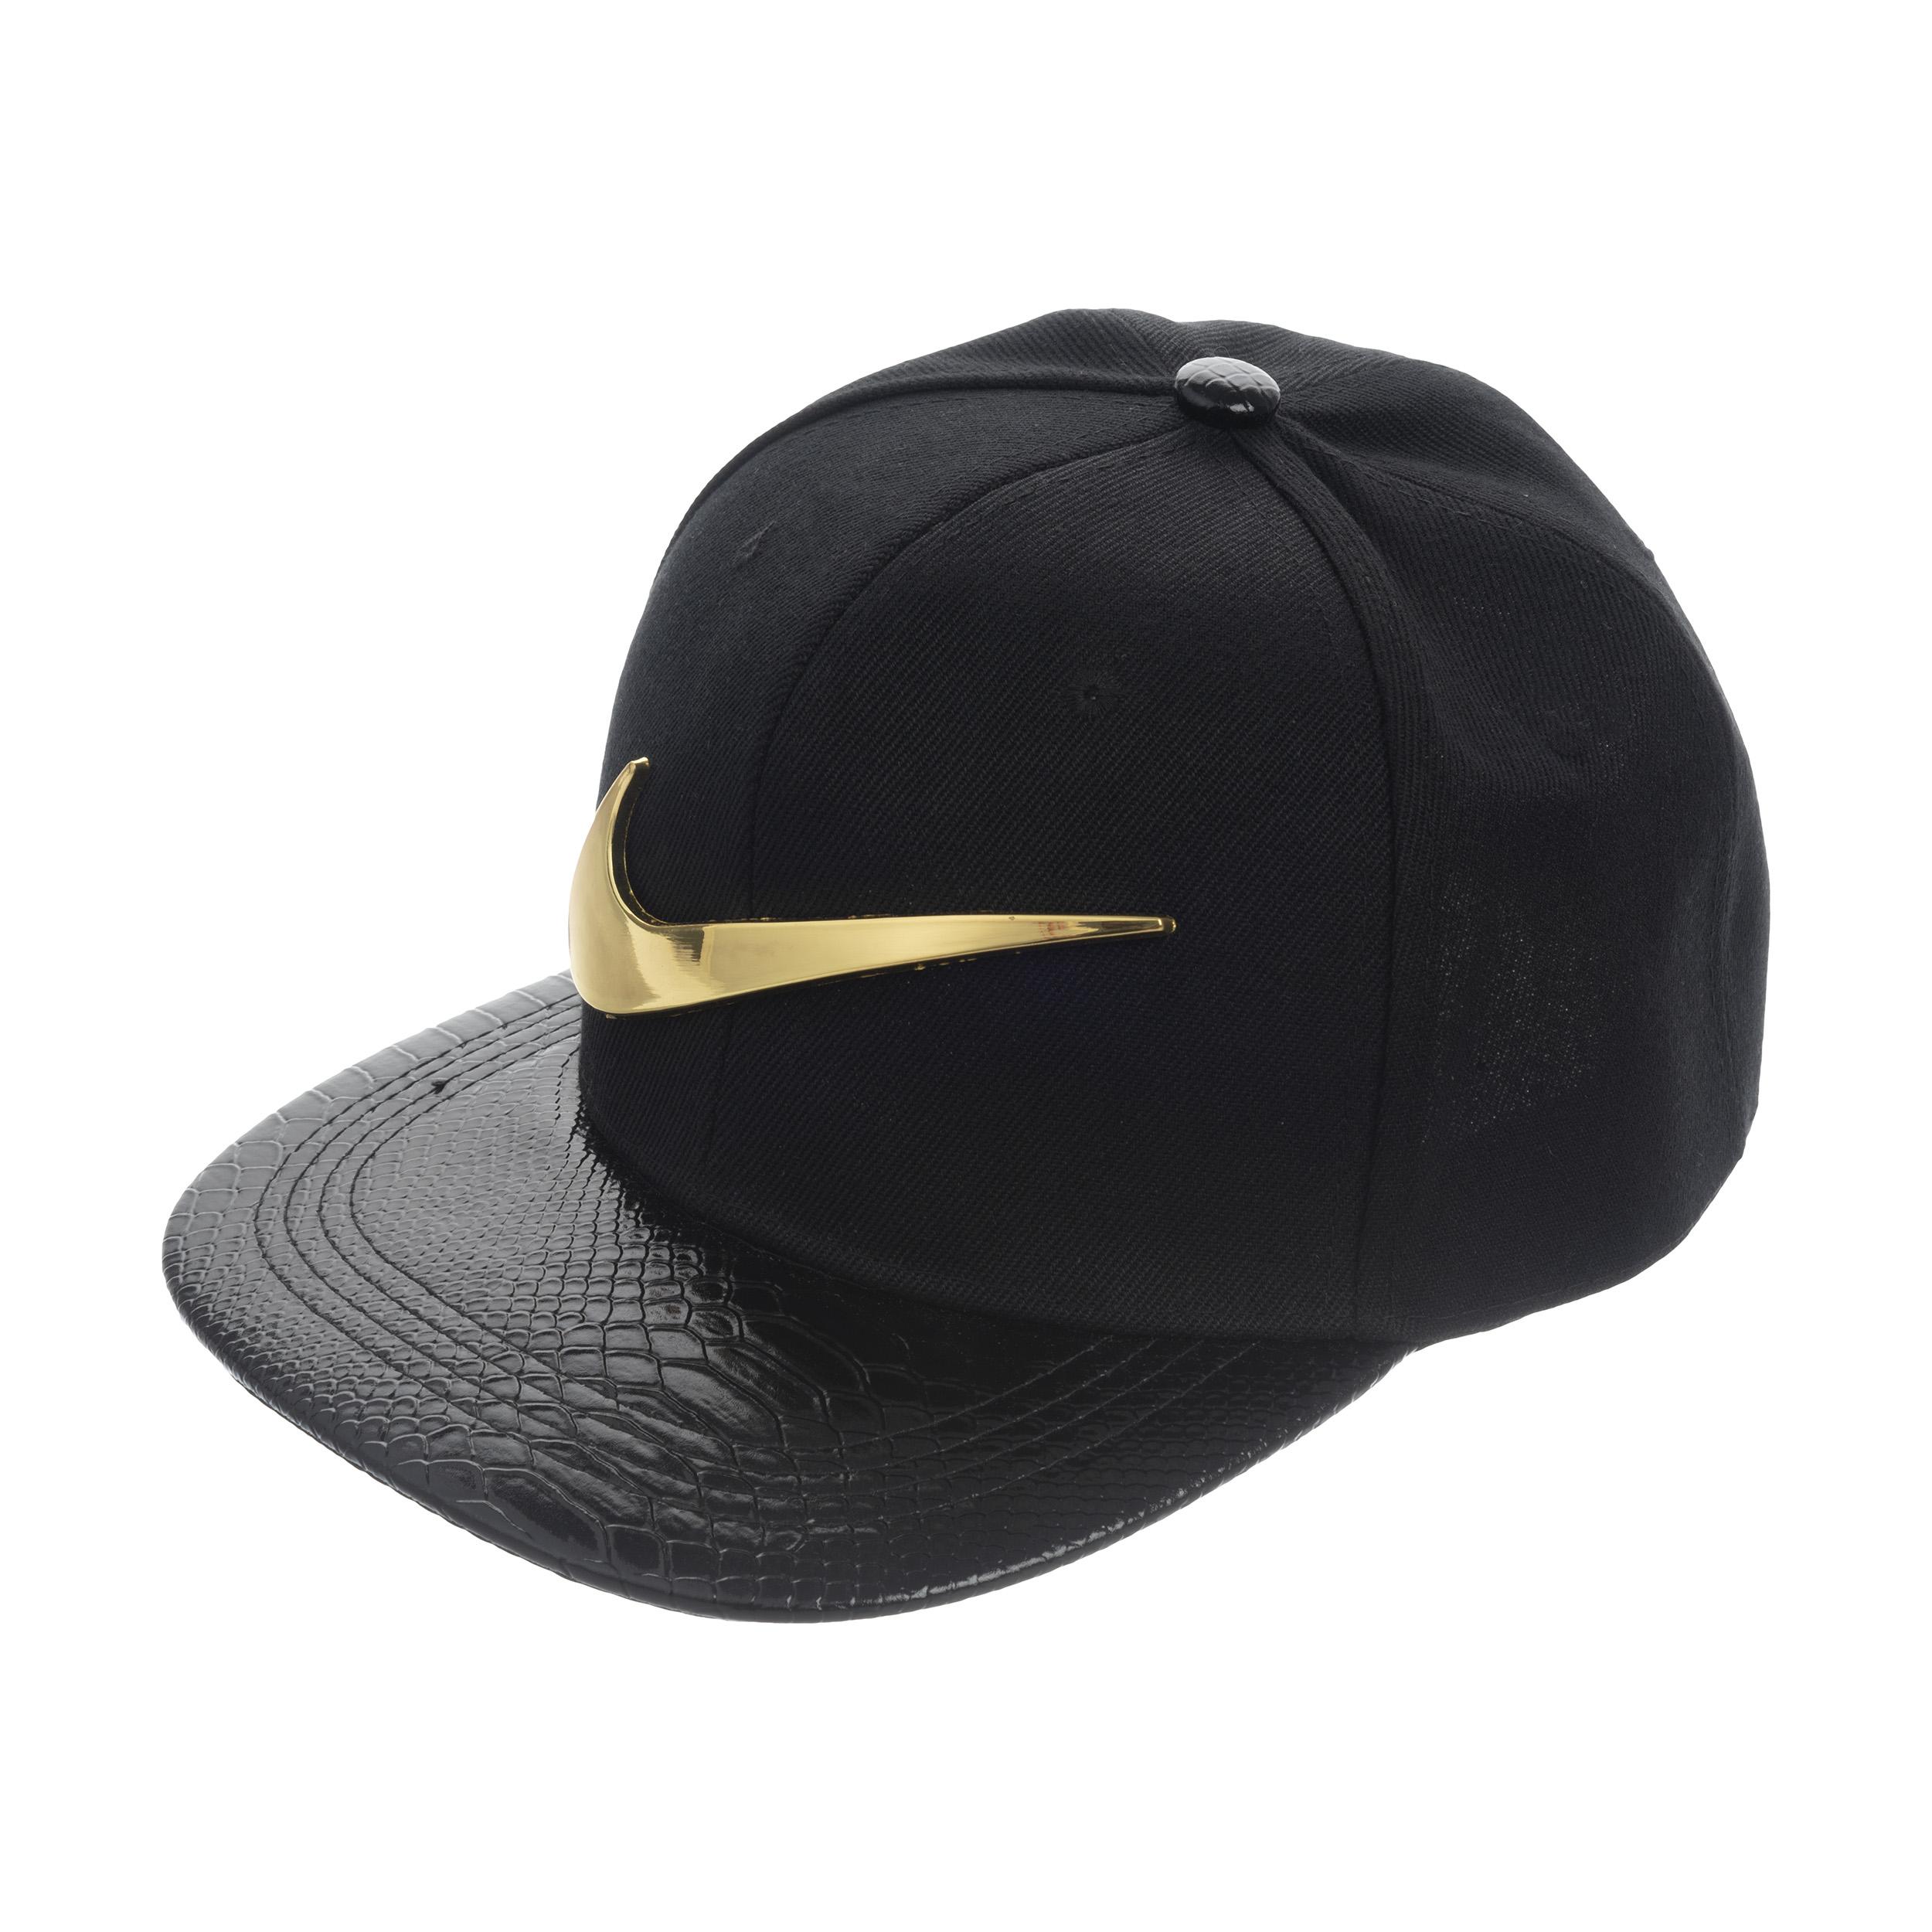 کلاه ورزشی مردانه کد 11-21